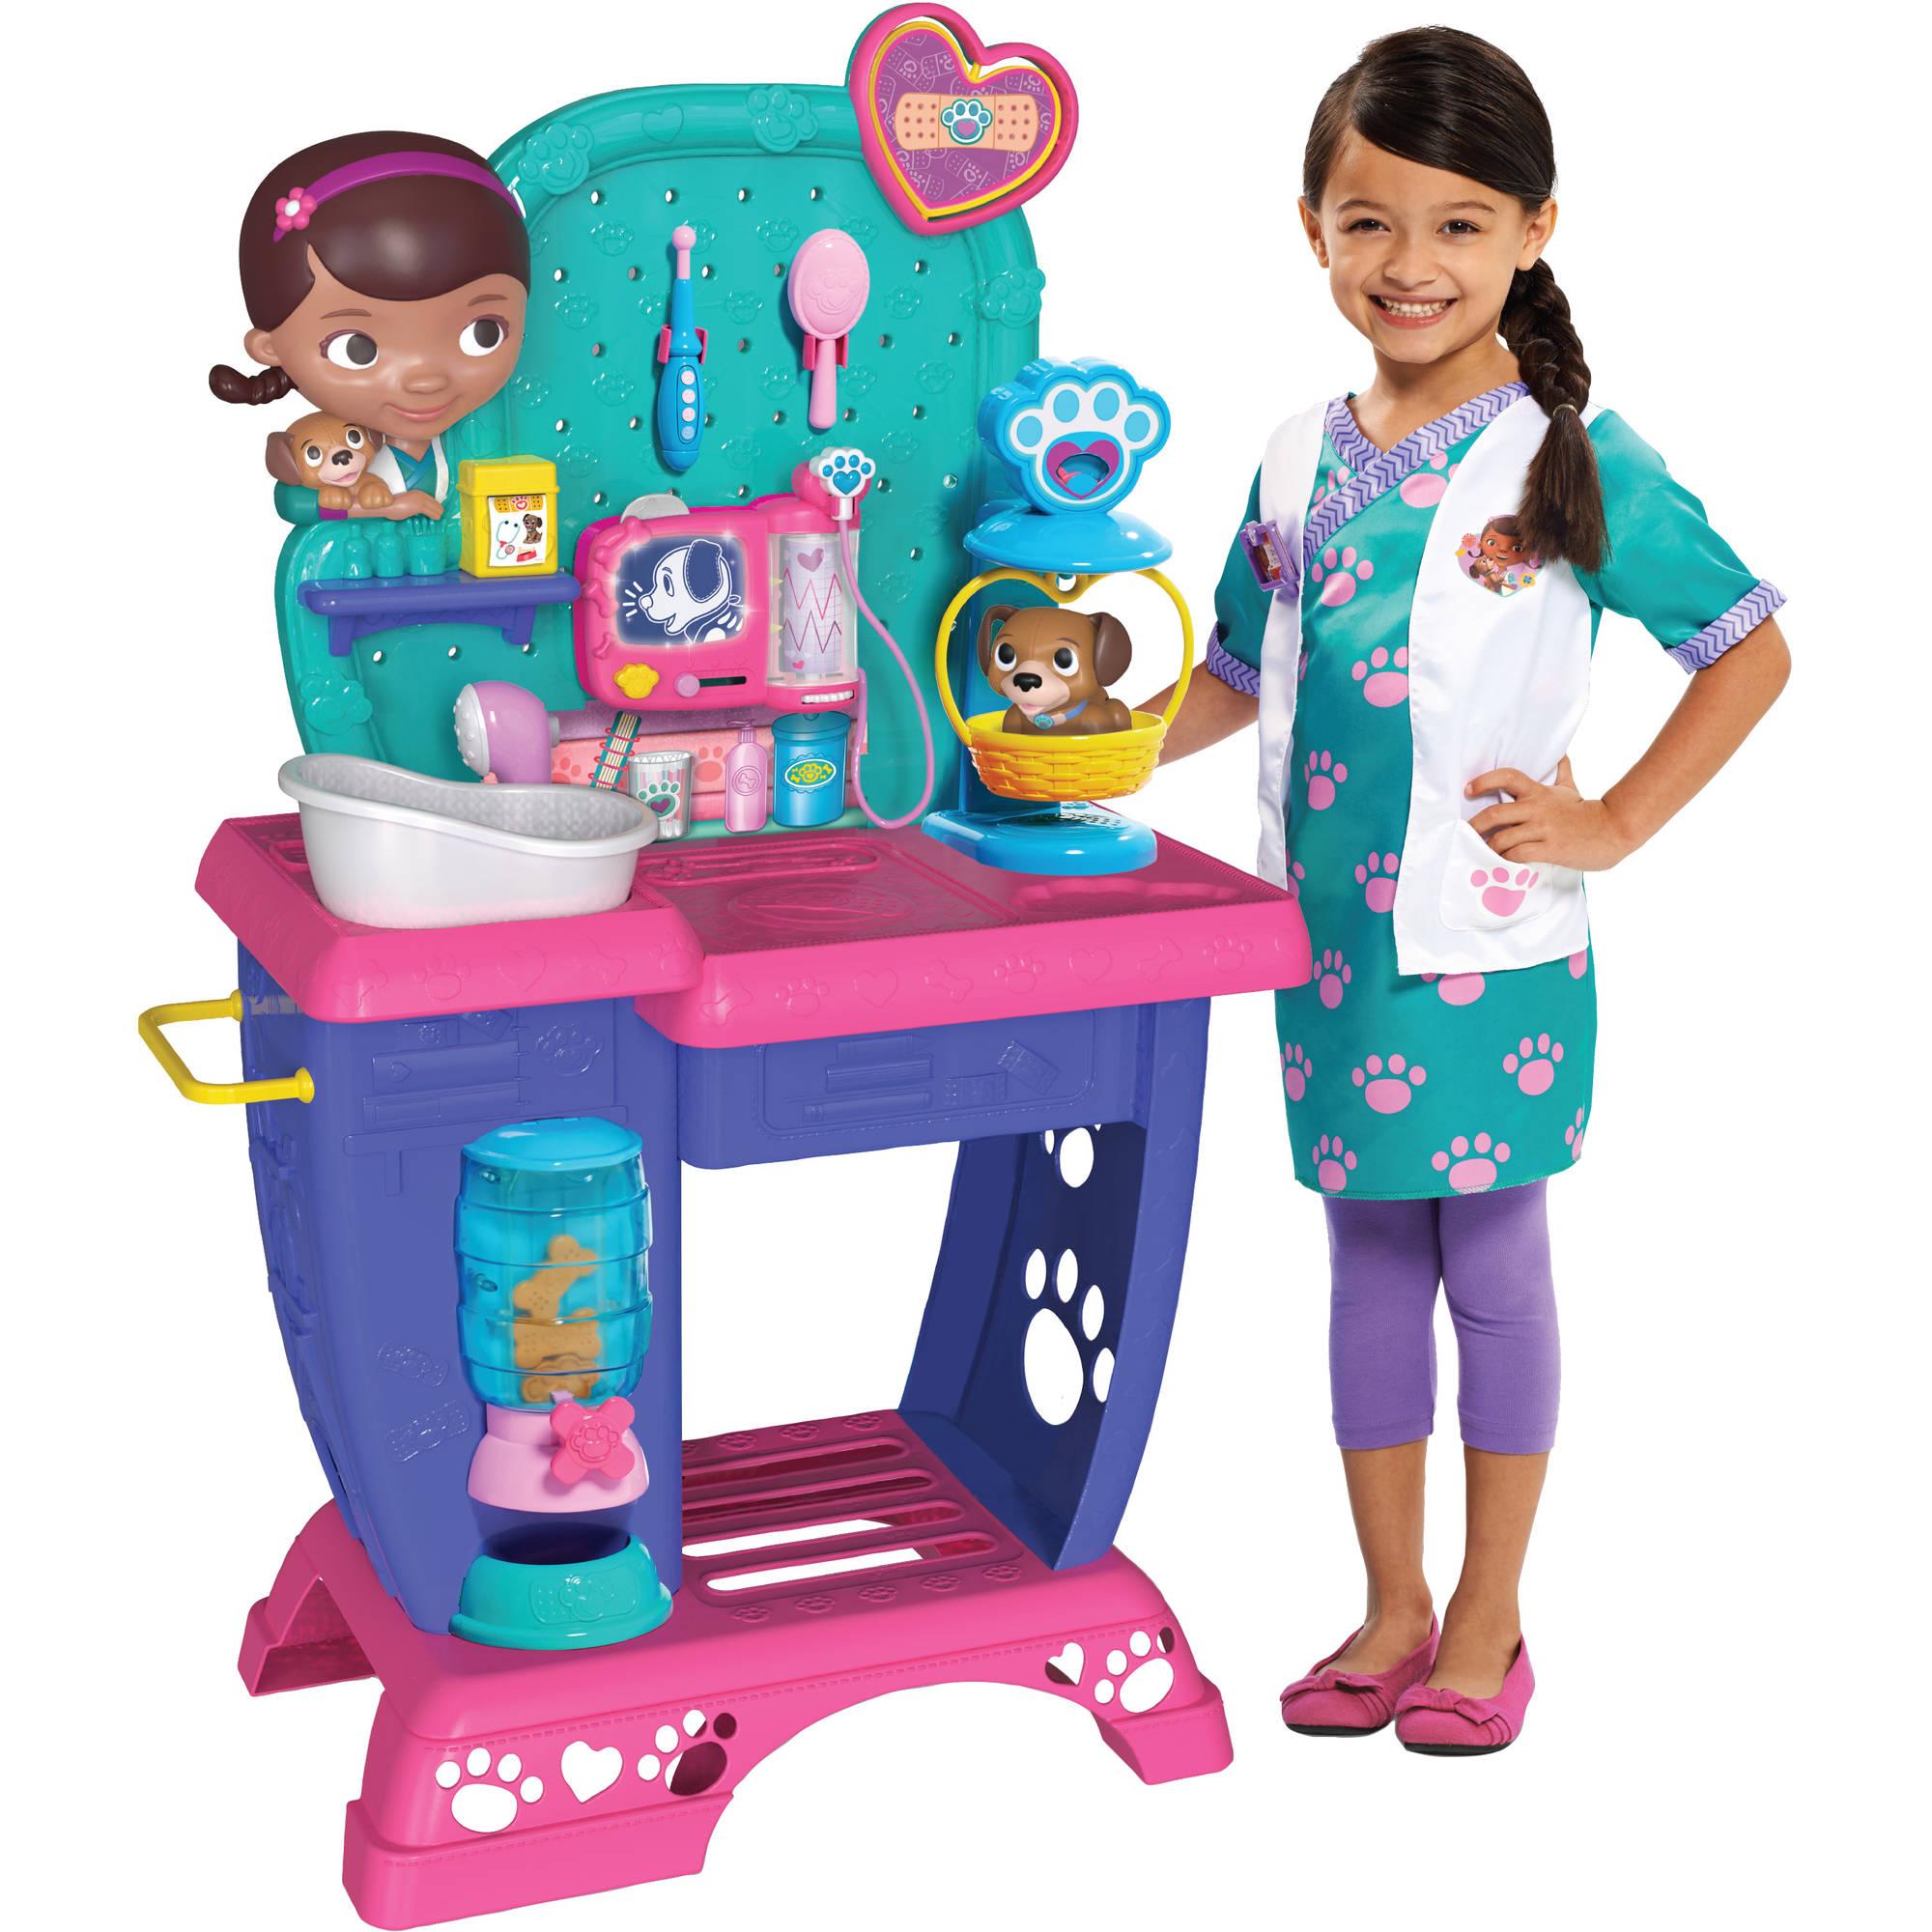 ชุดจำลองคลินิคคุณหมอสุดน่ารัก Just Play Disney Junior Doc McStuffins Pet Vet Checkup Center